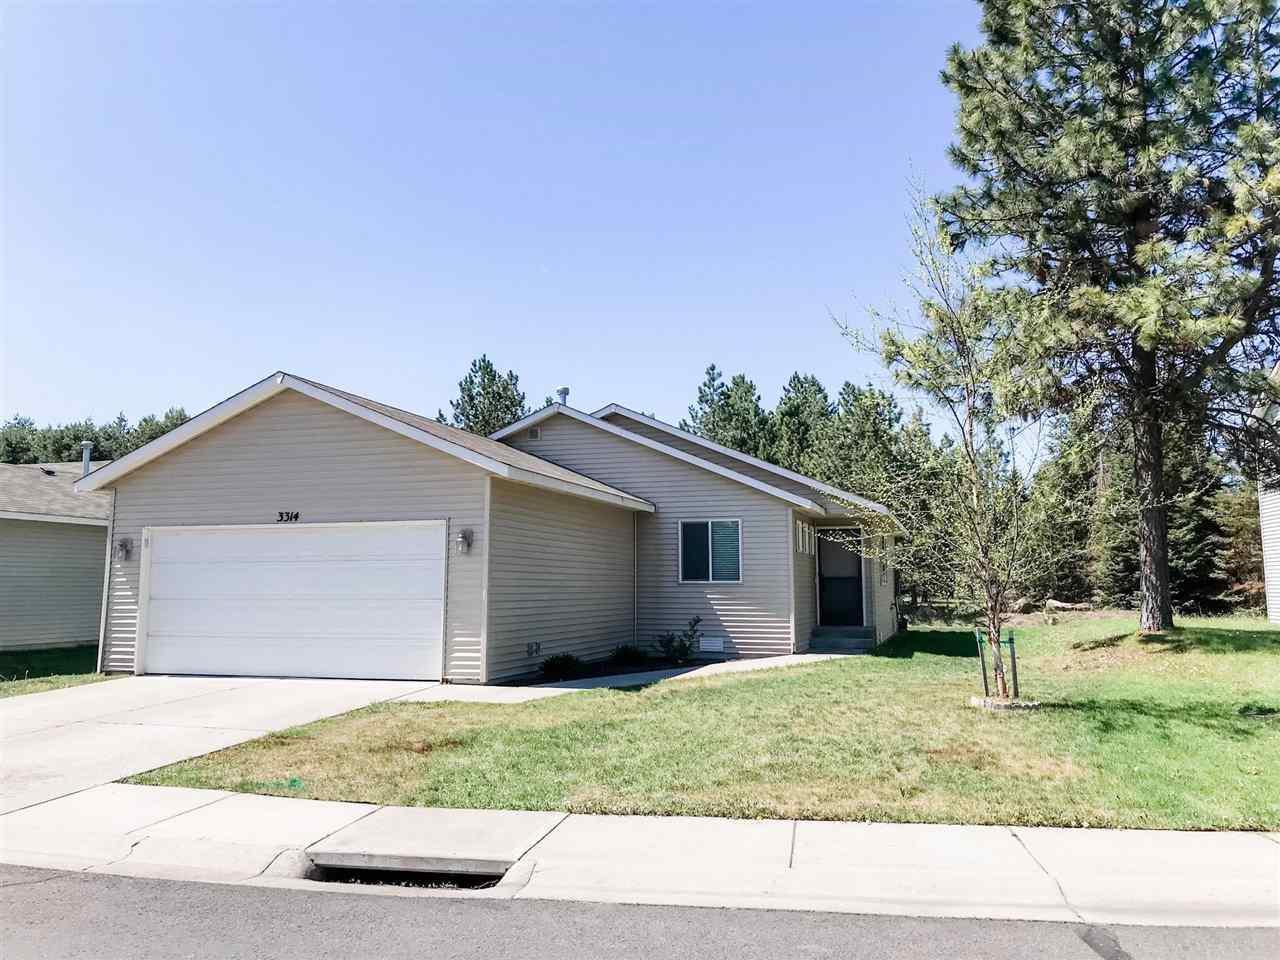 3314 Meadow Glen Ln - Photo 1